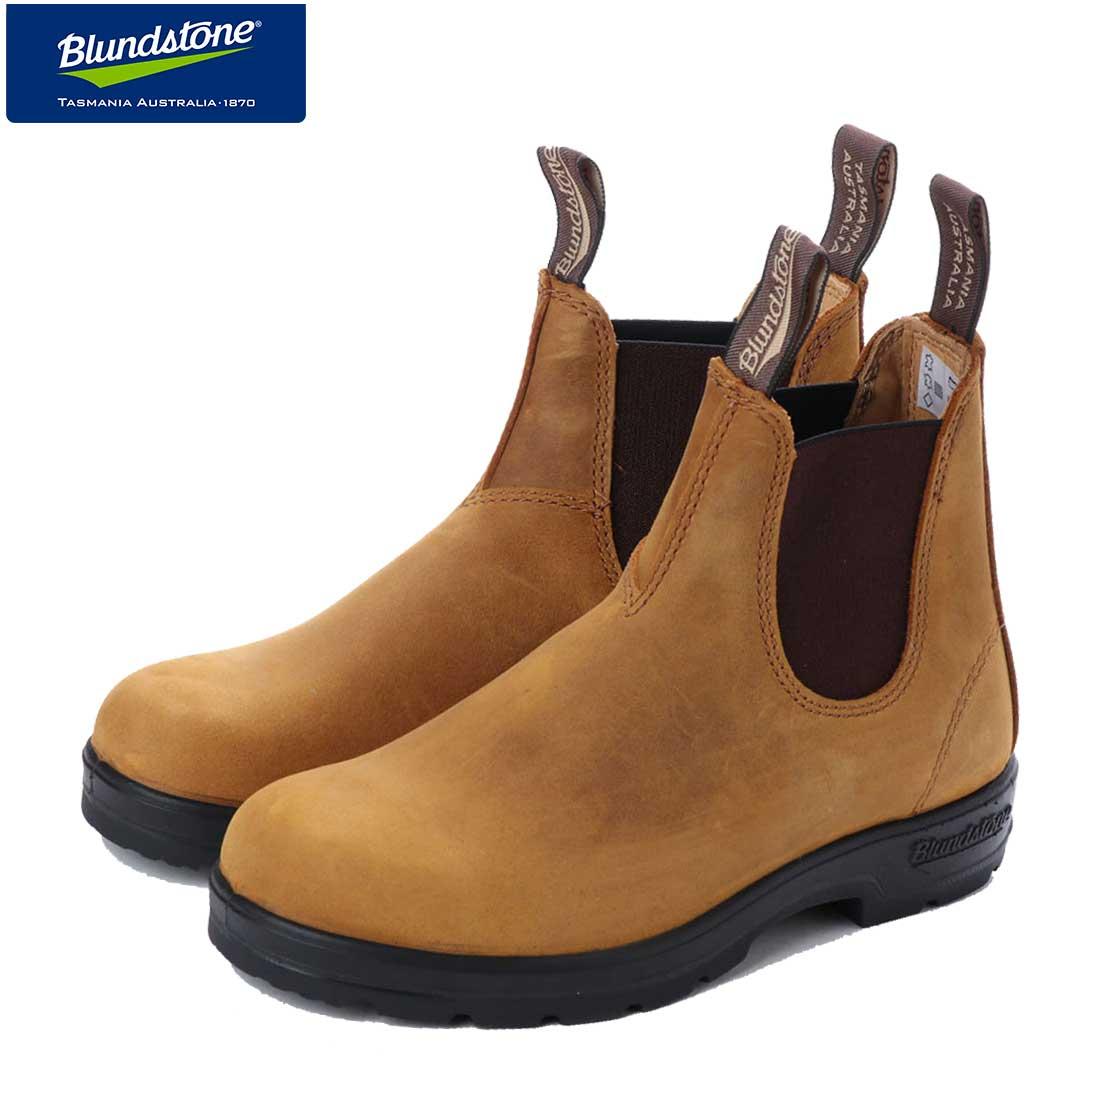 ブランドストーン Blundstone BS561 680 (ユニセックス) クレイジーホース(オイルレザー) 「靴」